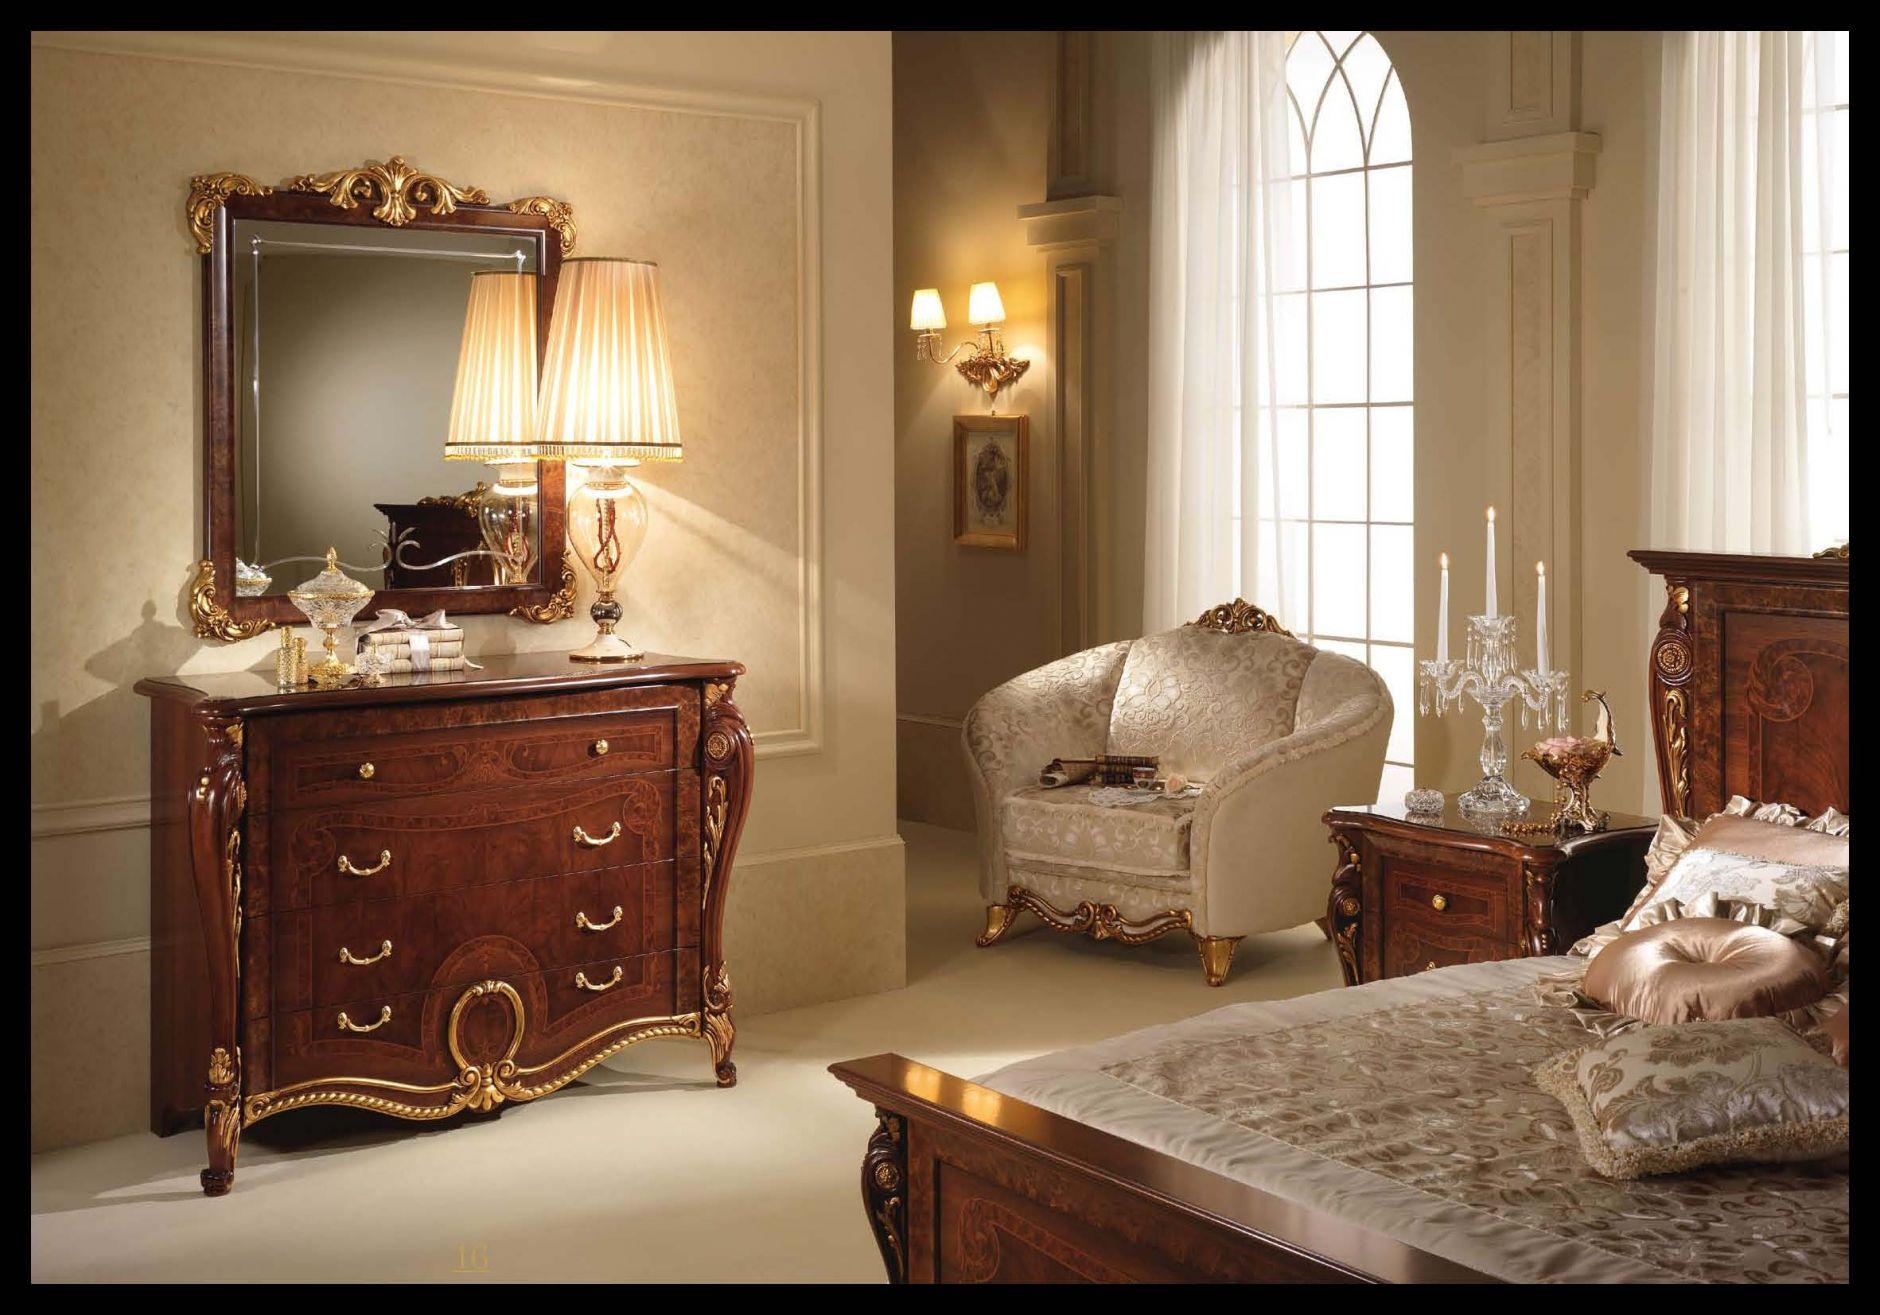 Meubles Classiques Chambre Coucher Arredoclassic S Rie  # Meuble Chambre Pdf